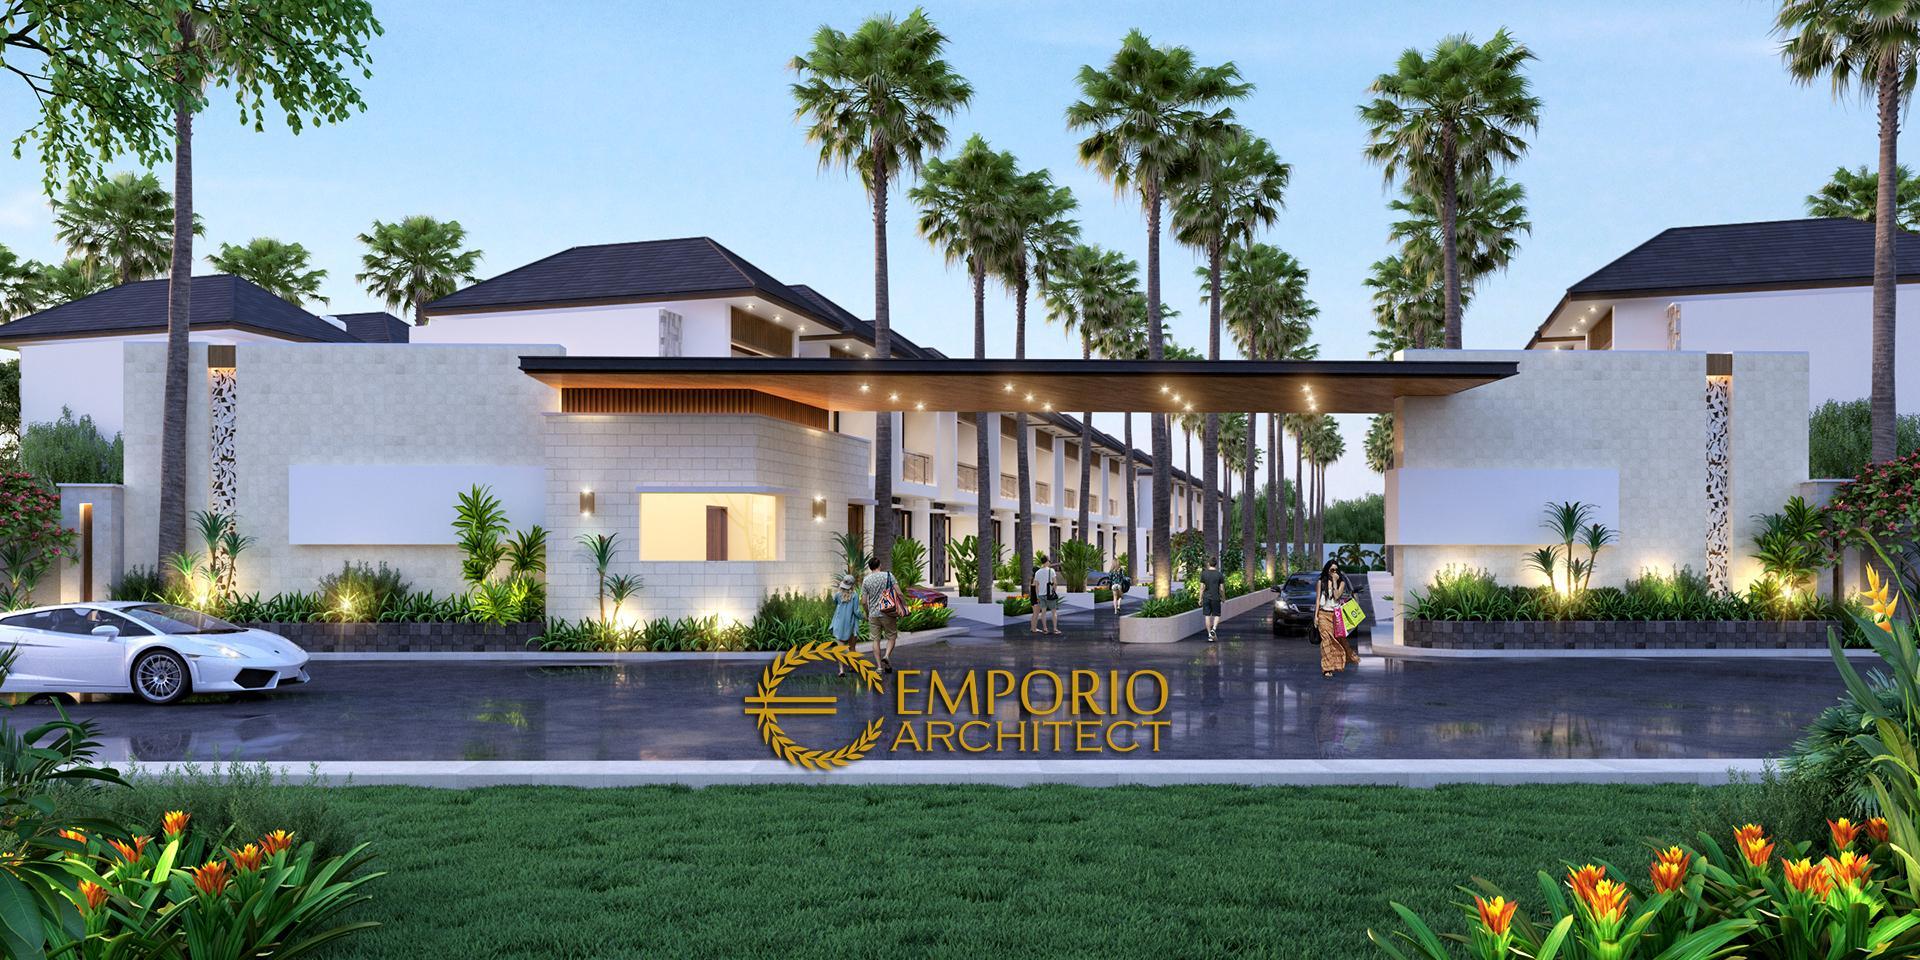 60+ Desain Rumah 2 Lantai Perumahan HD Terbaik